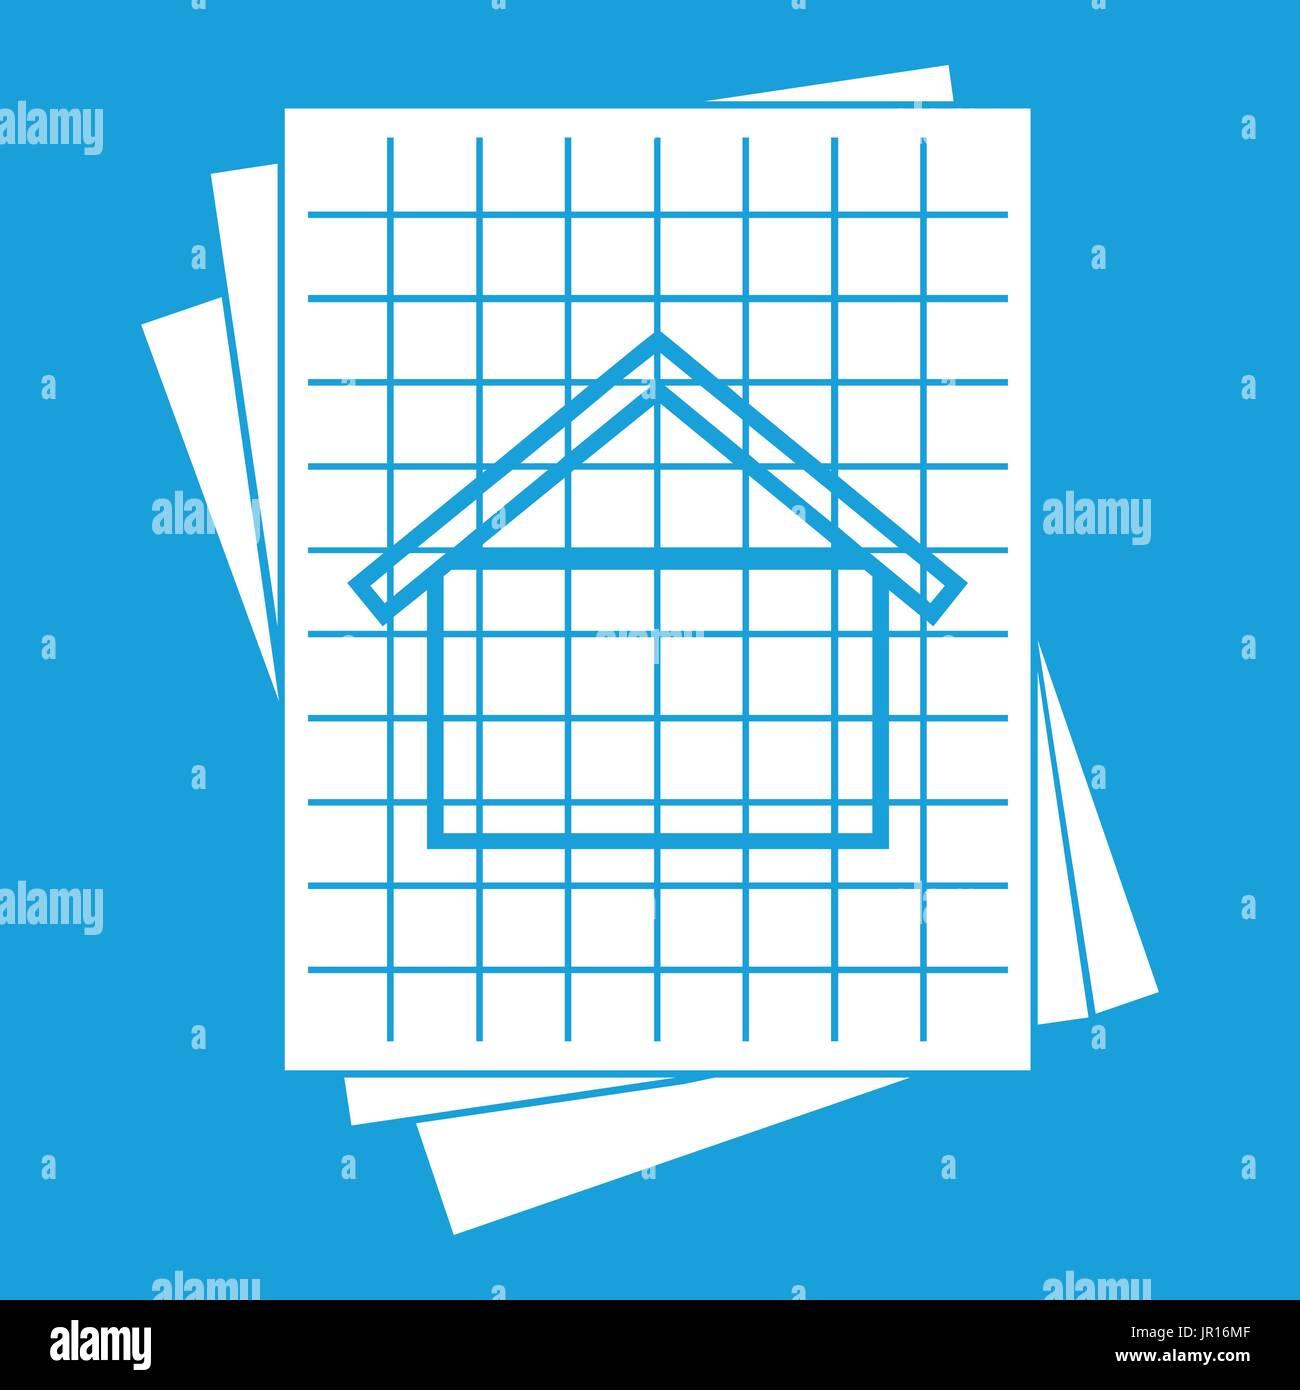 Fantastisch Unglaubliche Einfache Haus Verdrahtung Schaltplan Bild ...